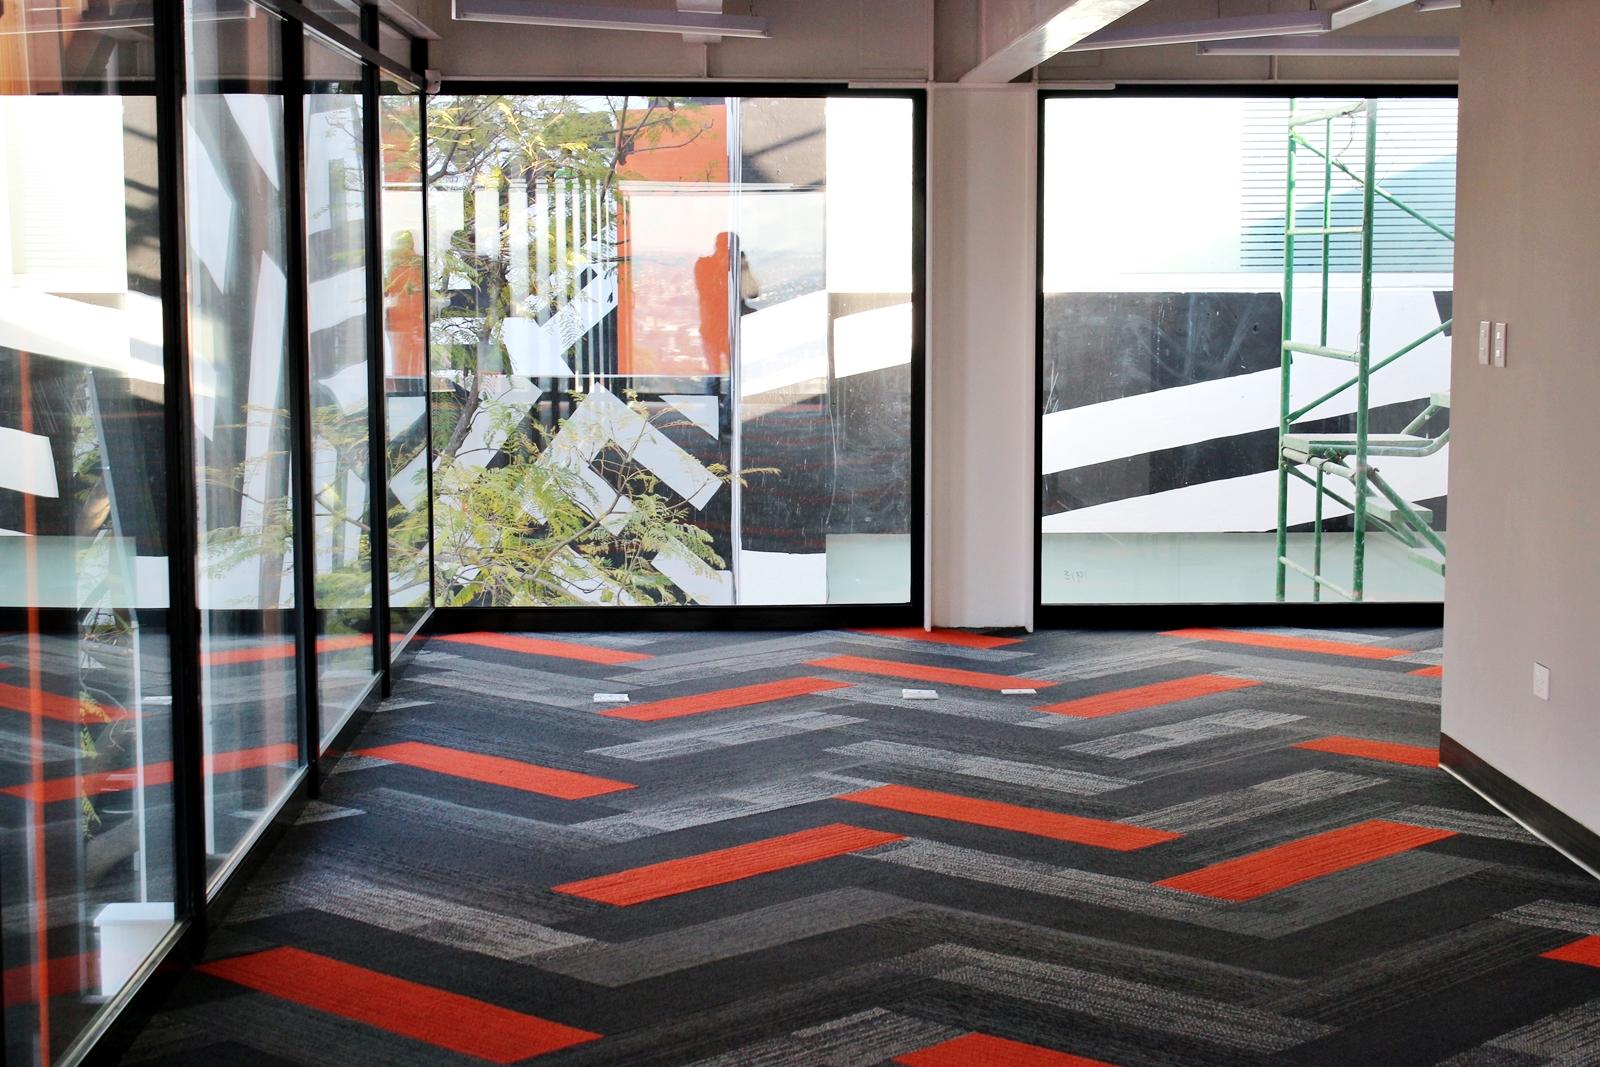 Qué es la arquitectura de interiores? | El tendedero de UNARTE